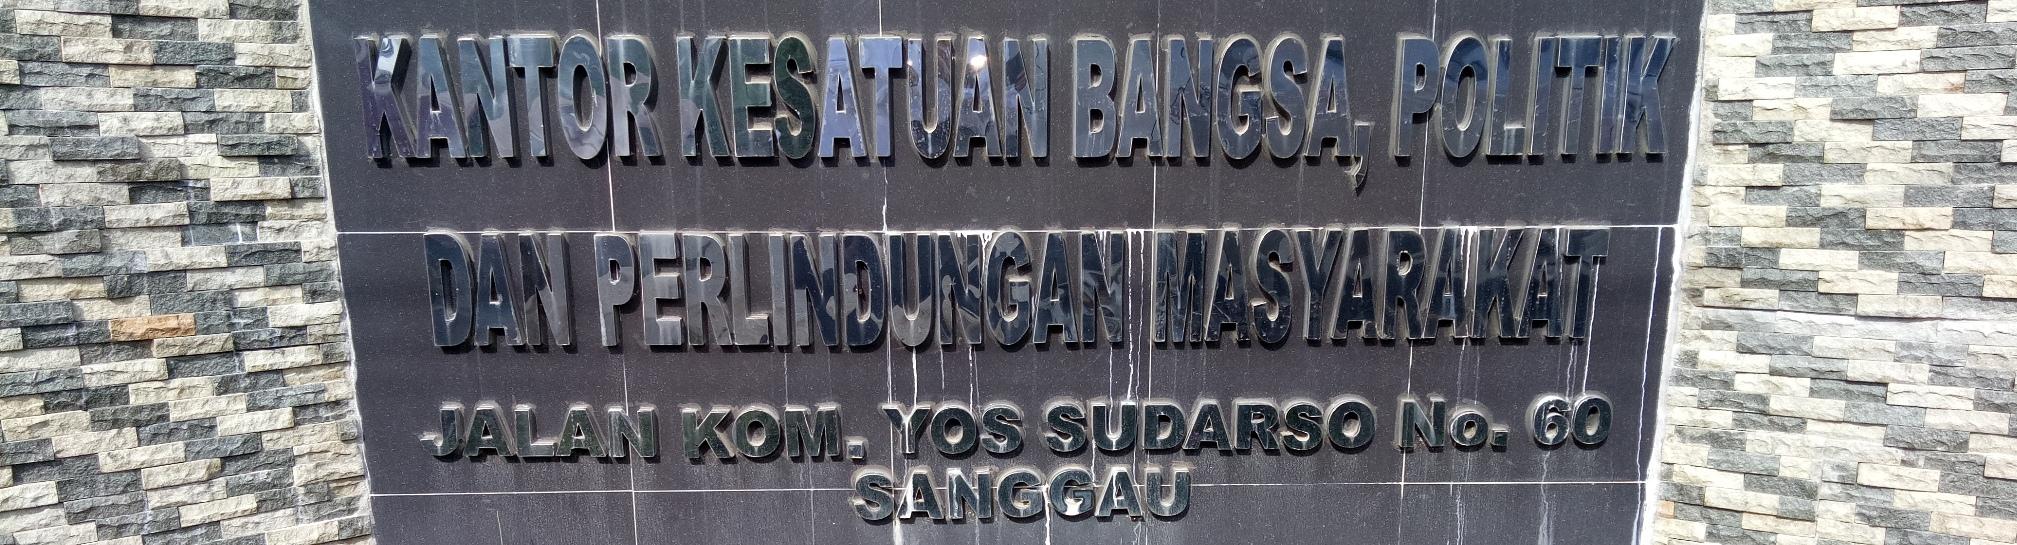 Kantor Kesatuan Bangsa, Politik dan Perlindungan Masyarakat Kabupaten Sanggau